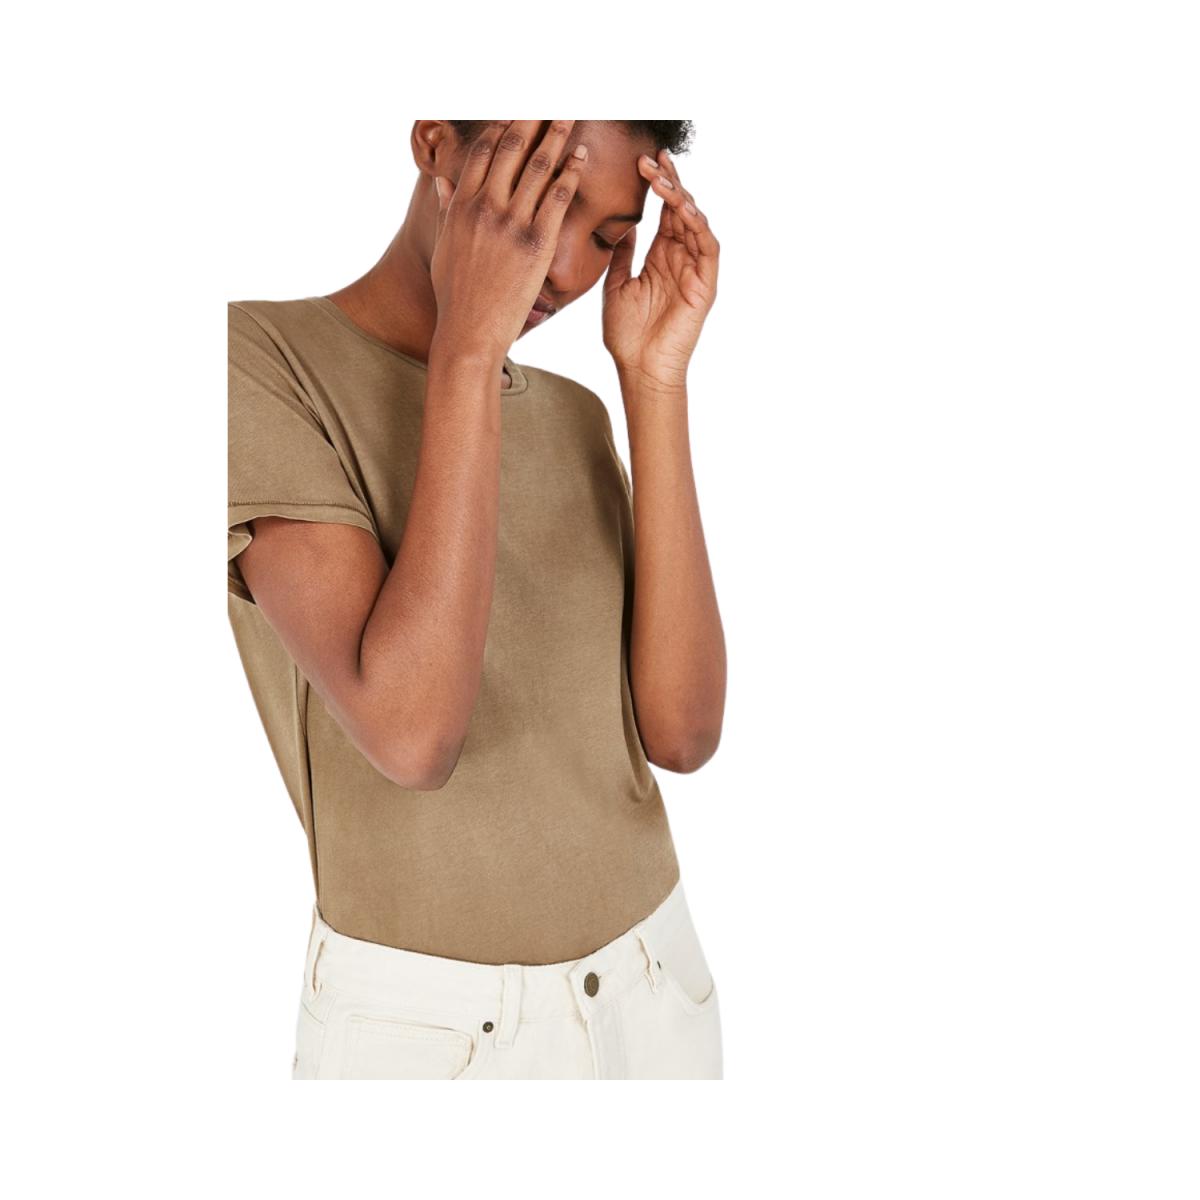 vegiflower t-shirt - camel - model billede